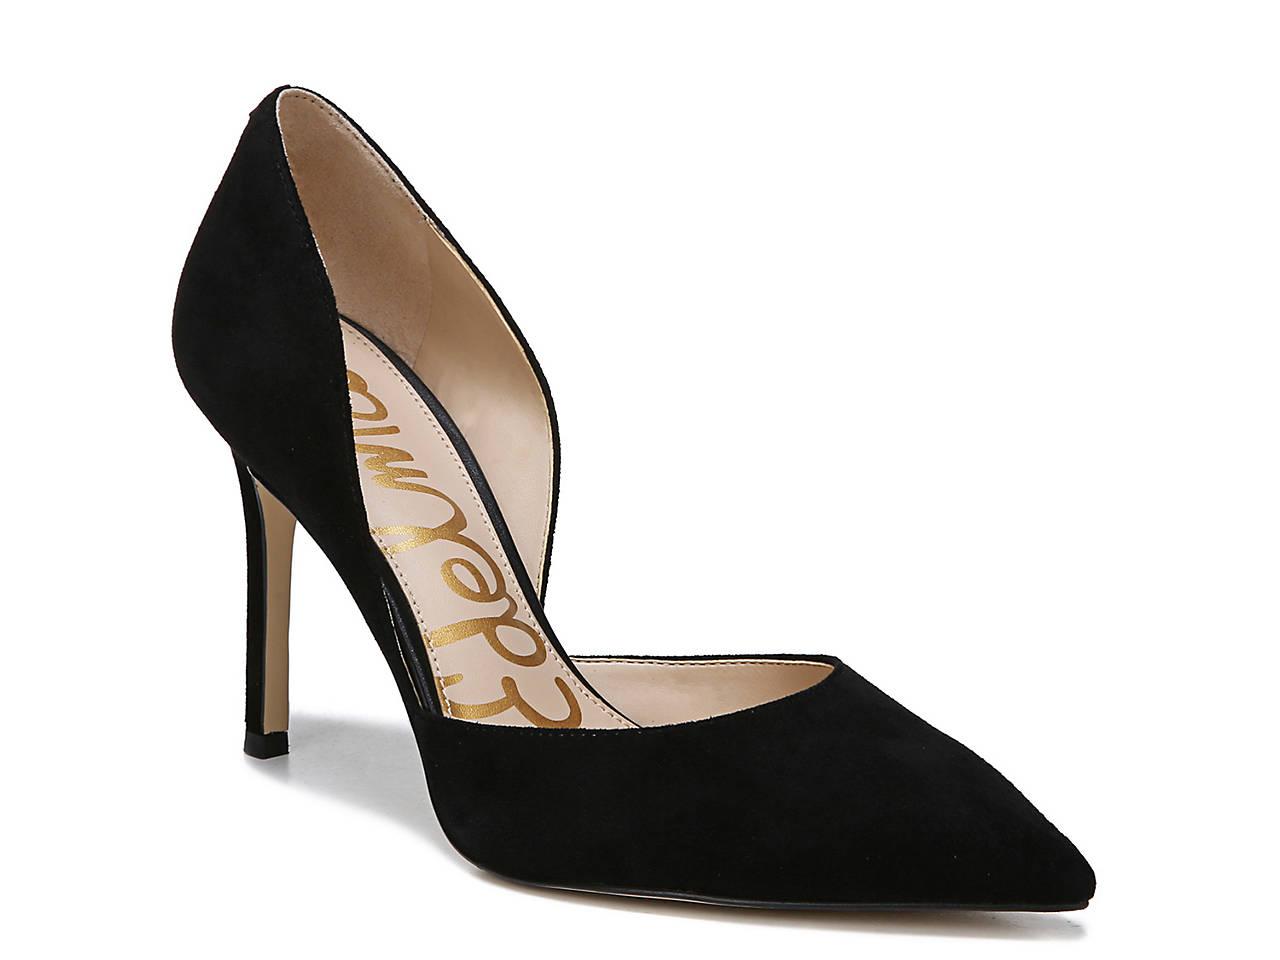 87a5905bb554 Sam Edelman Harlie Pump Women s Shoes